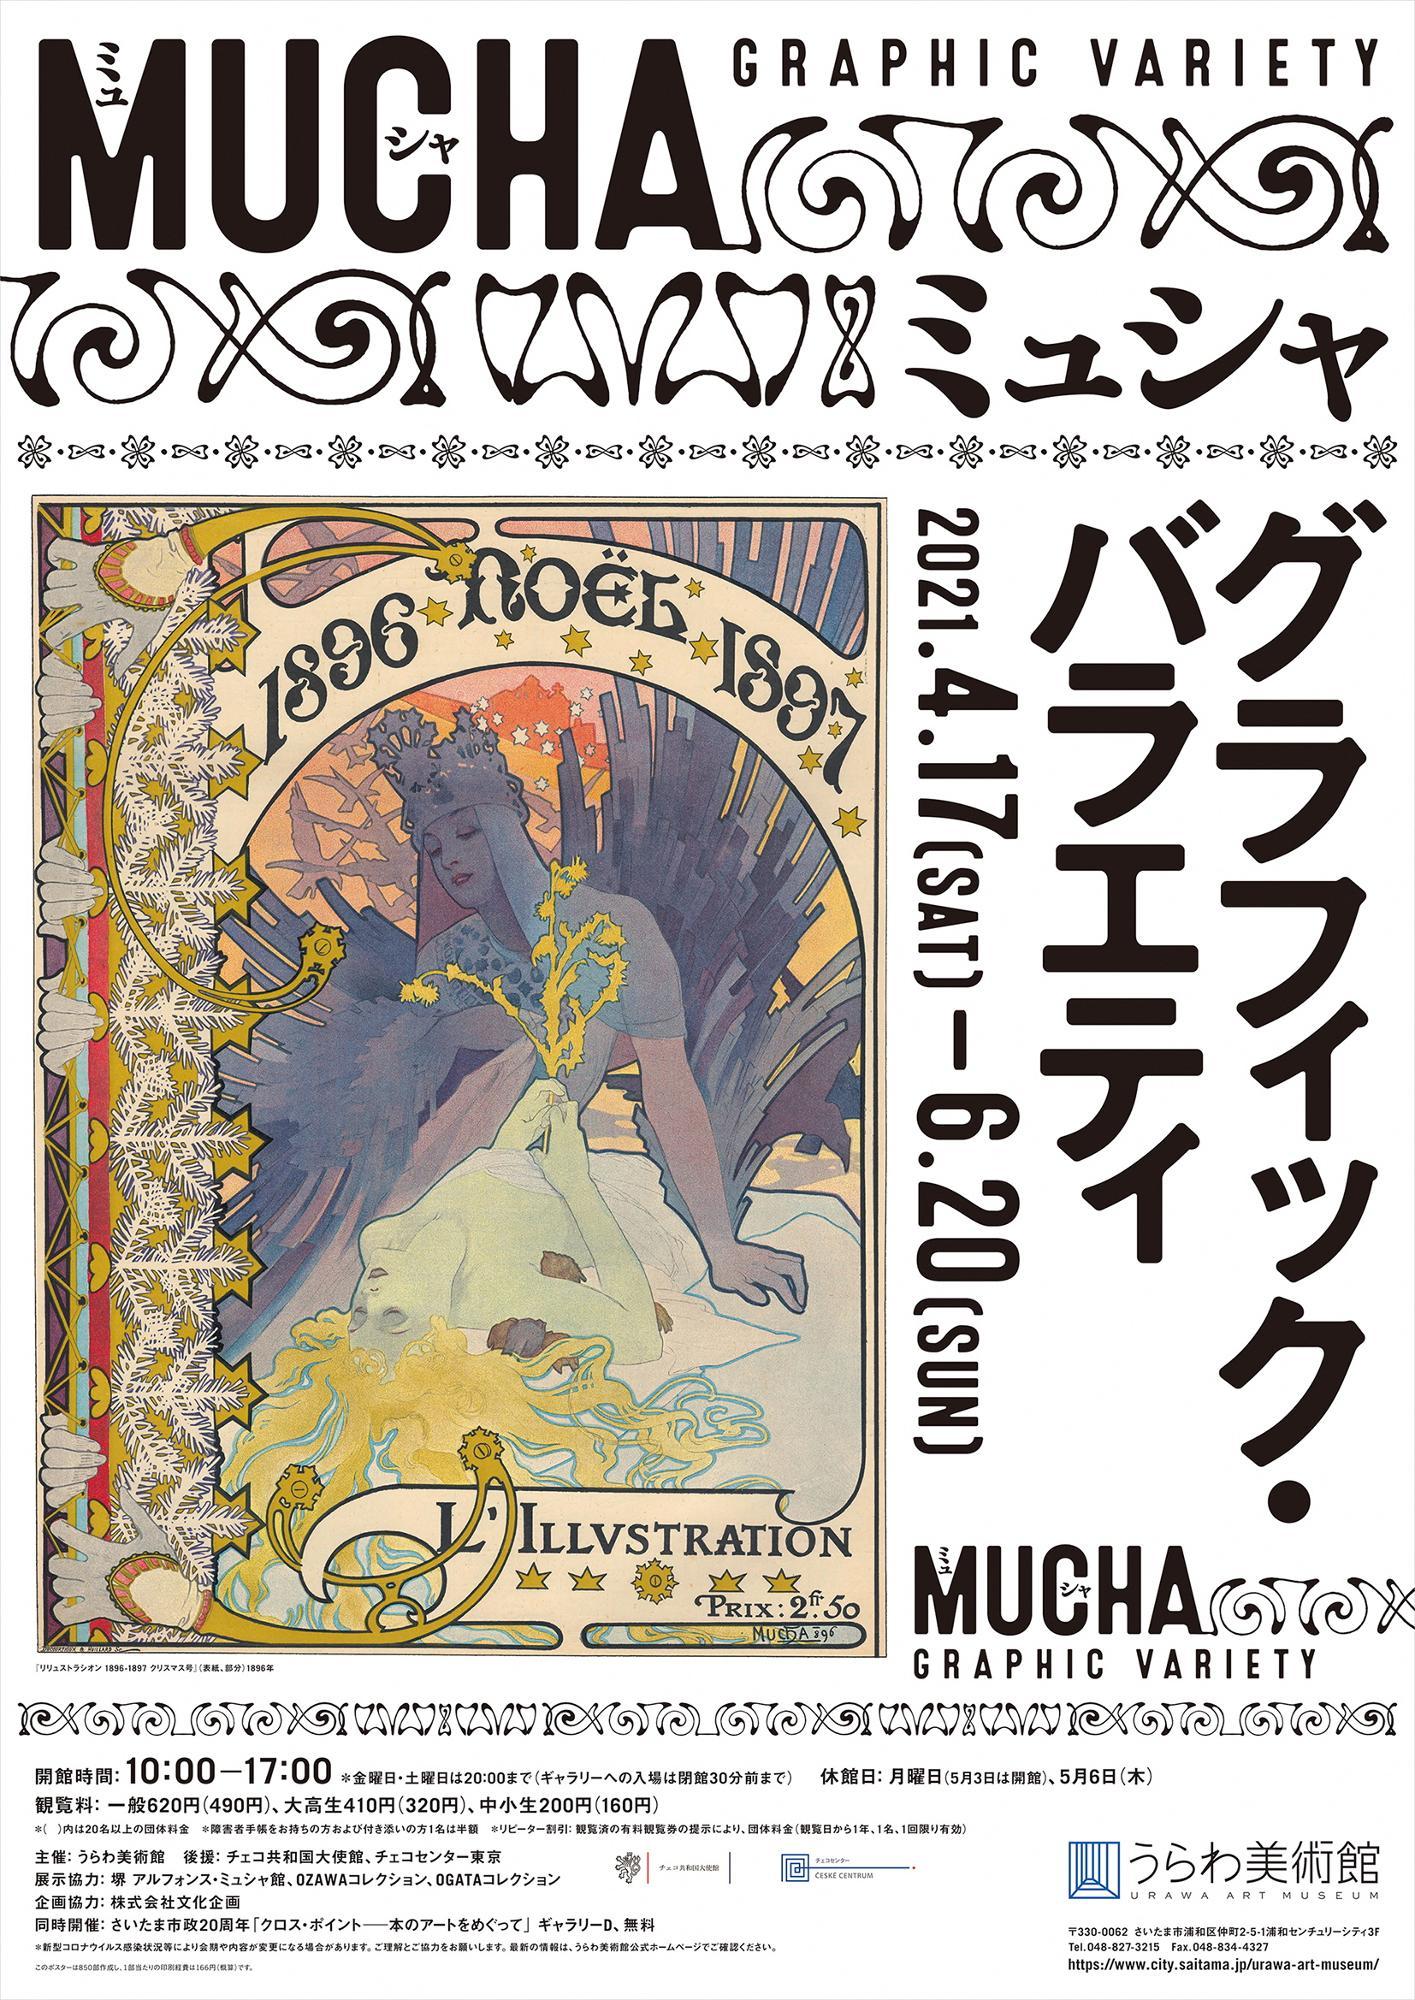 ミュシャ グラフィック・バラエティのポスター